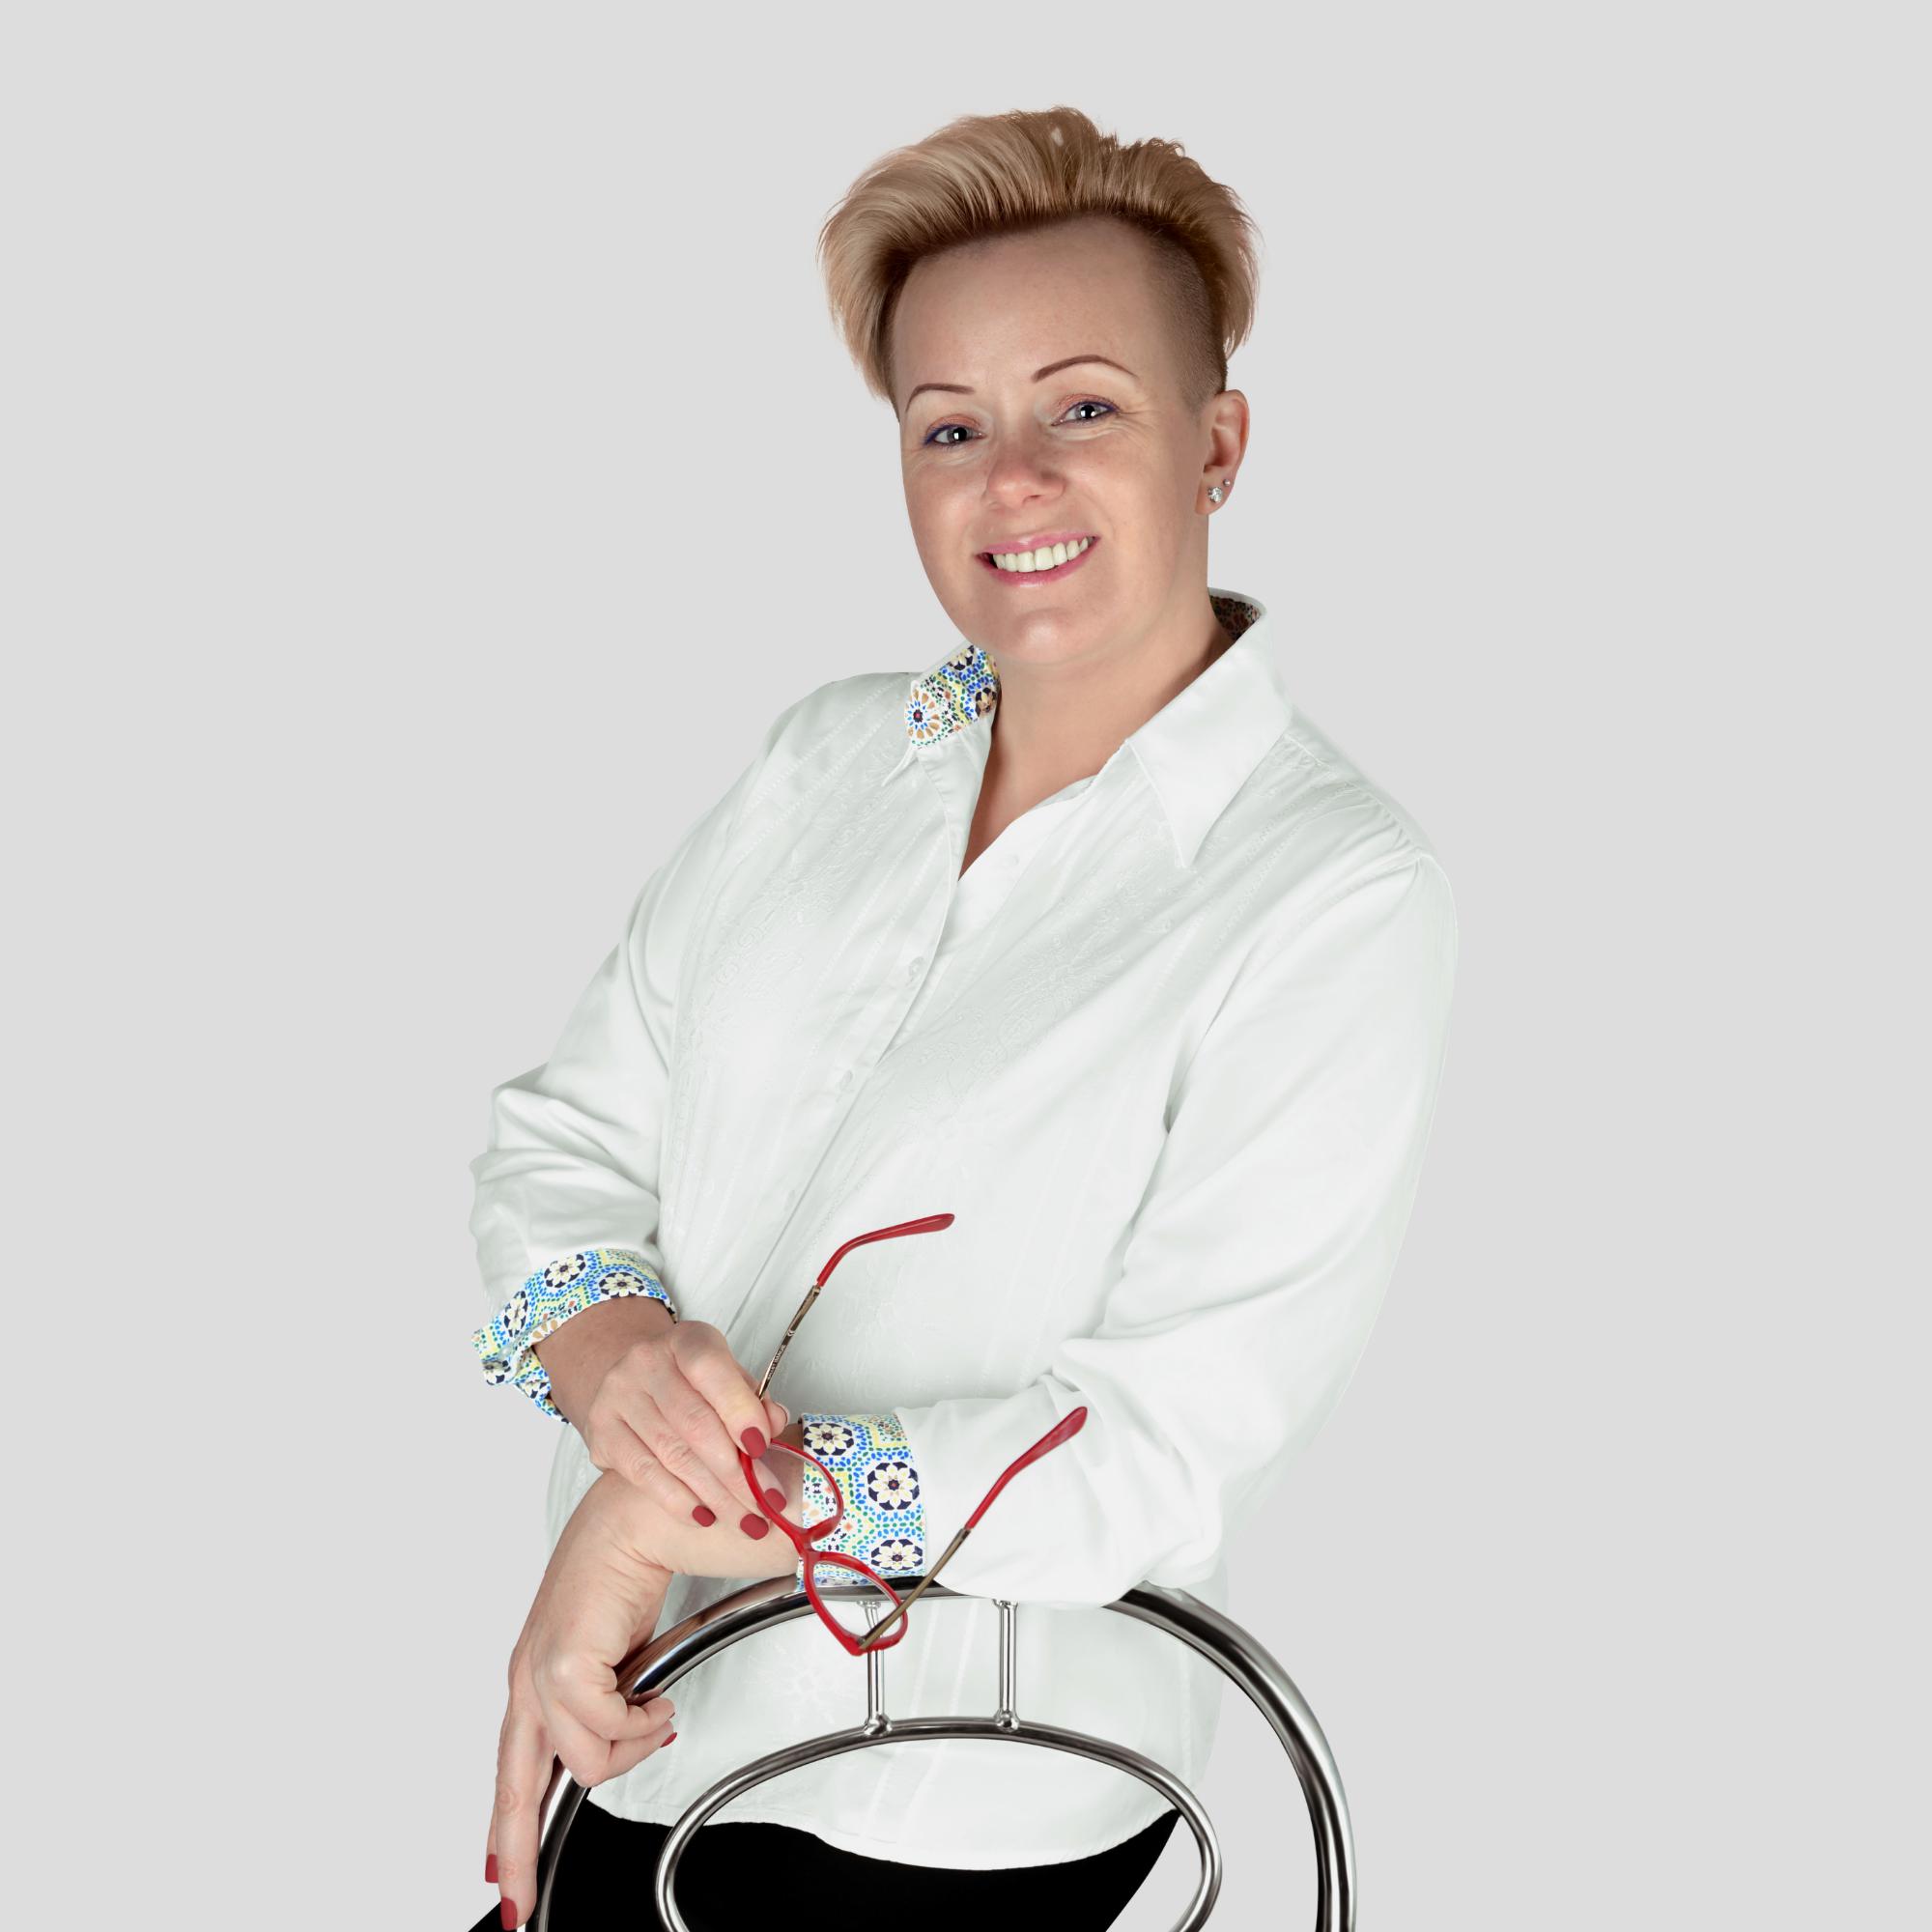 Эксперт Ivona, репетитор английского языка Светлана Щедрина